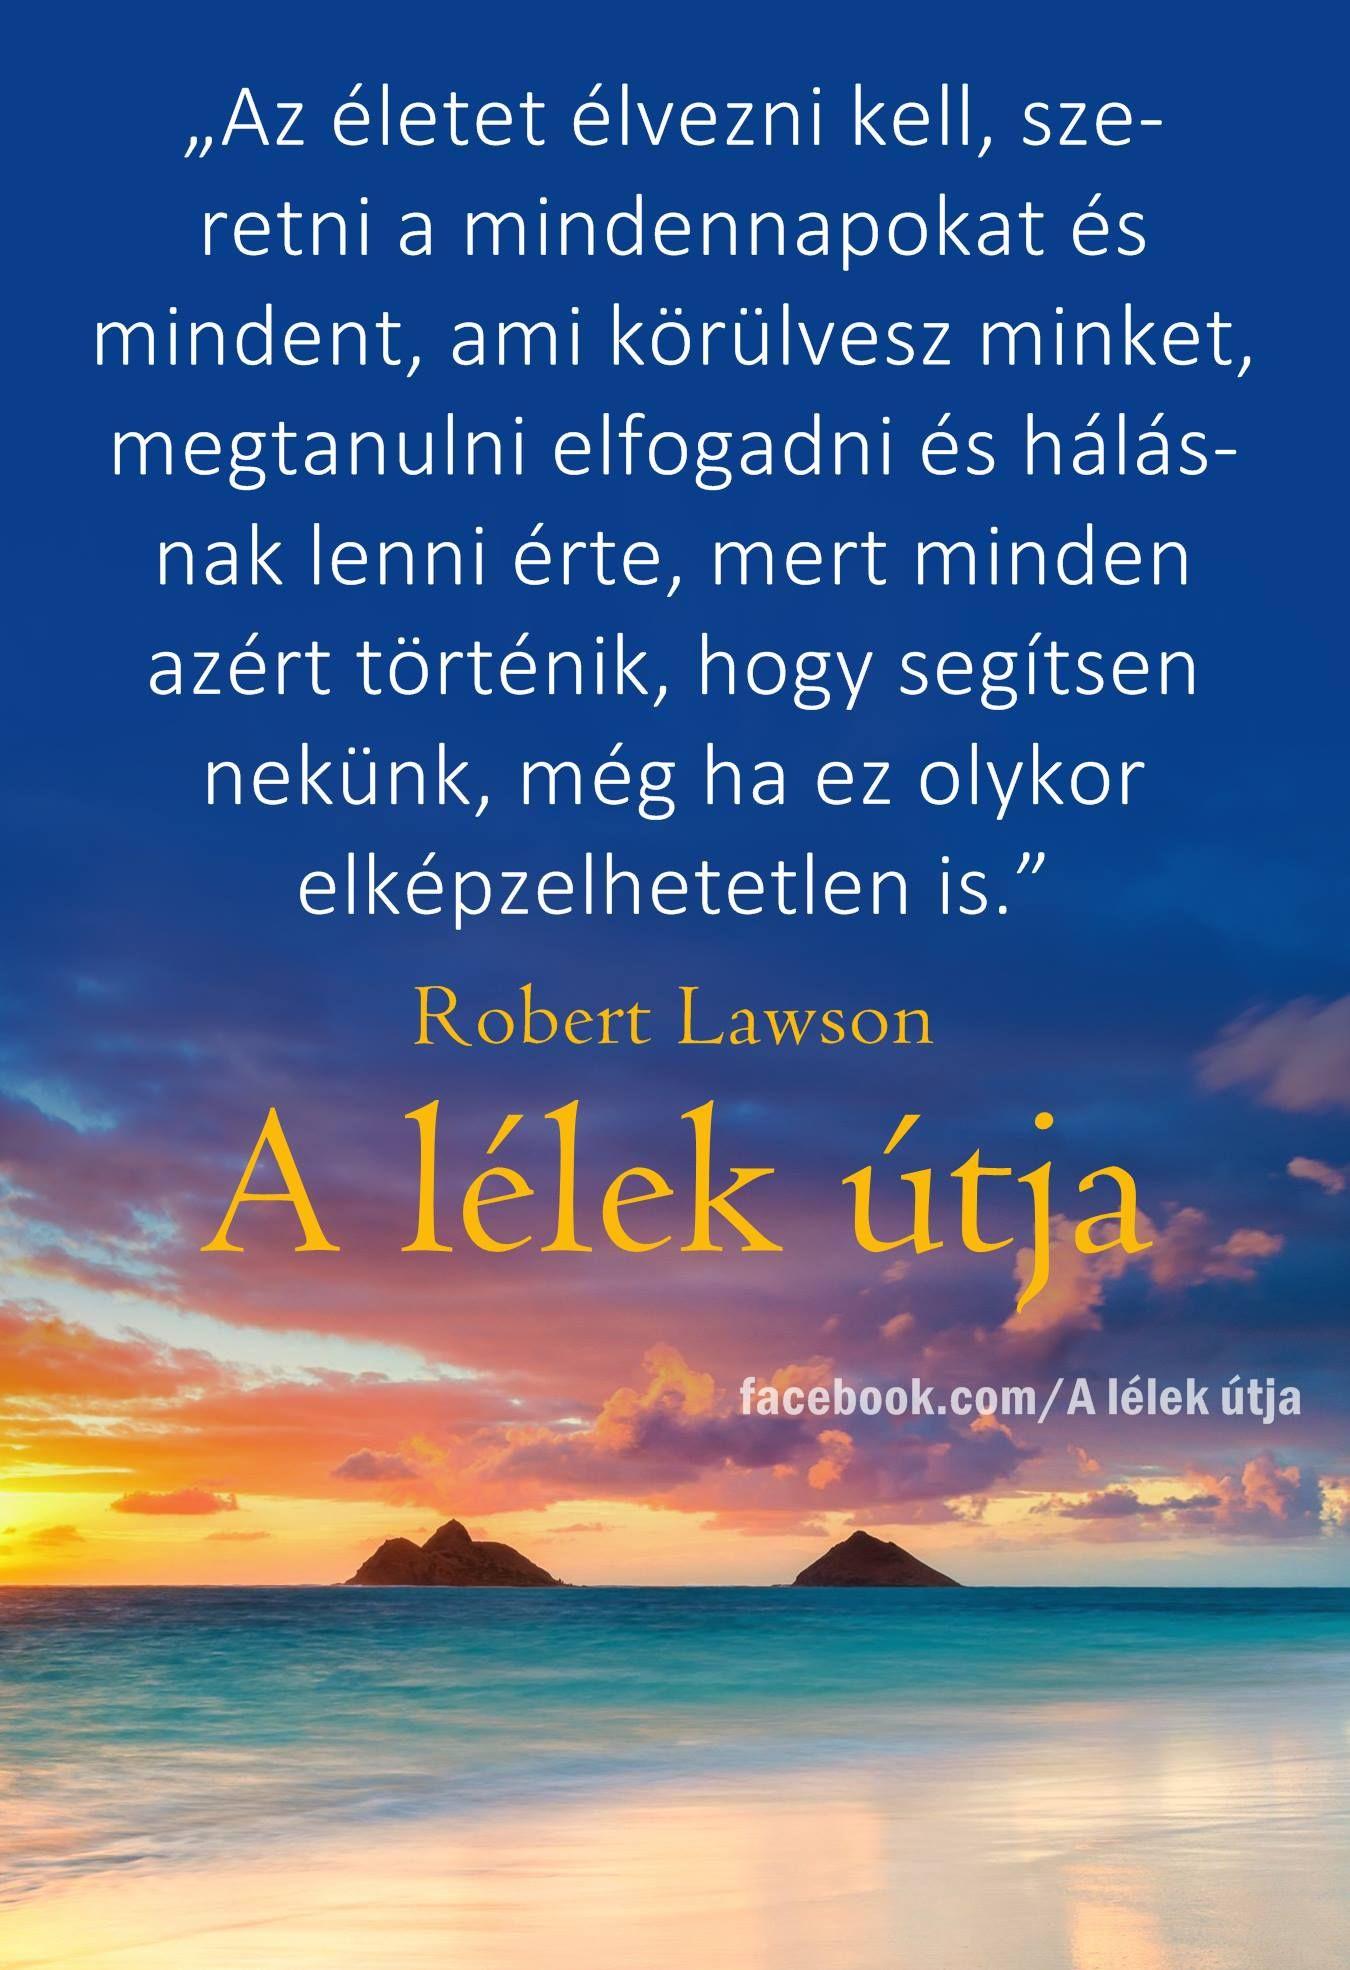 idézetek versek az életről Pin by Solczi Klara on Gyujtemeny | Inspo quotes, Motivation, Life